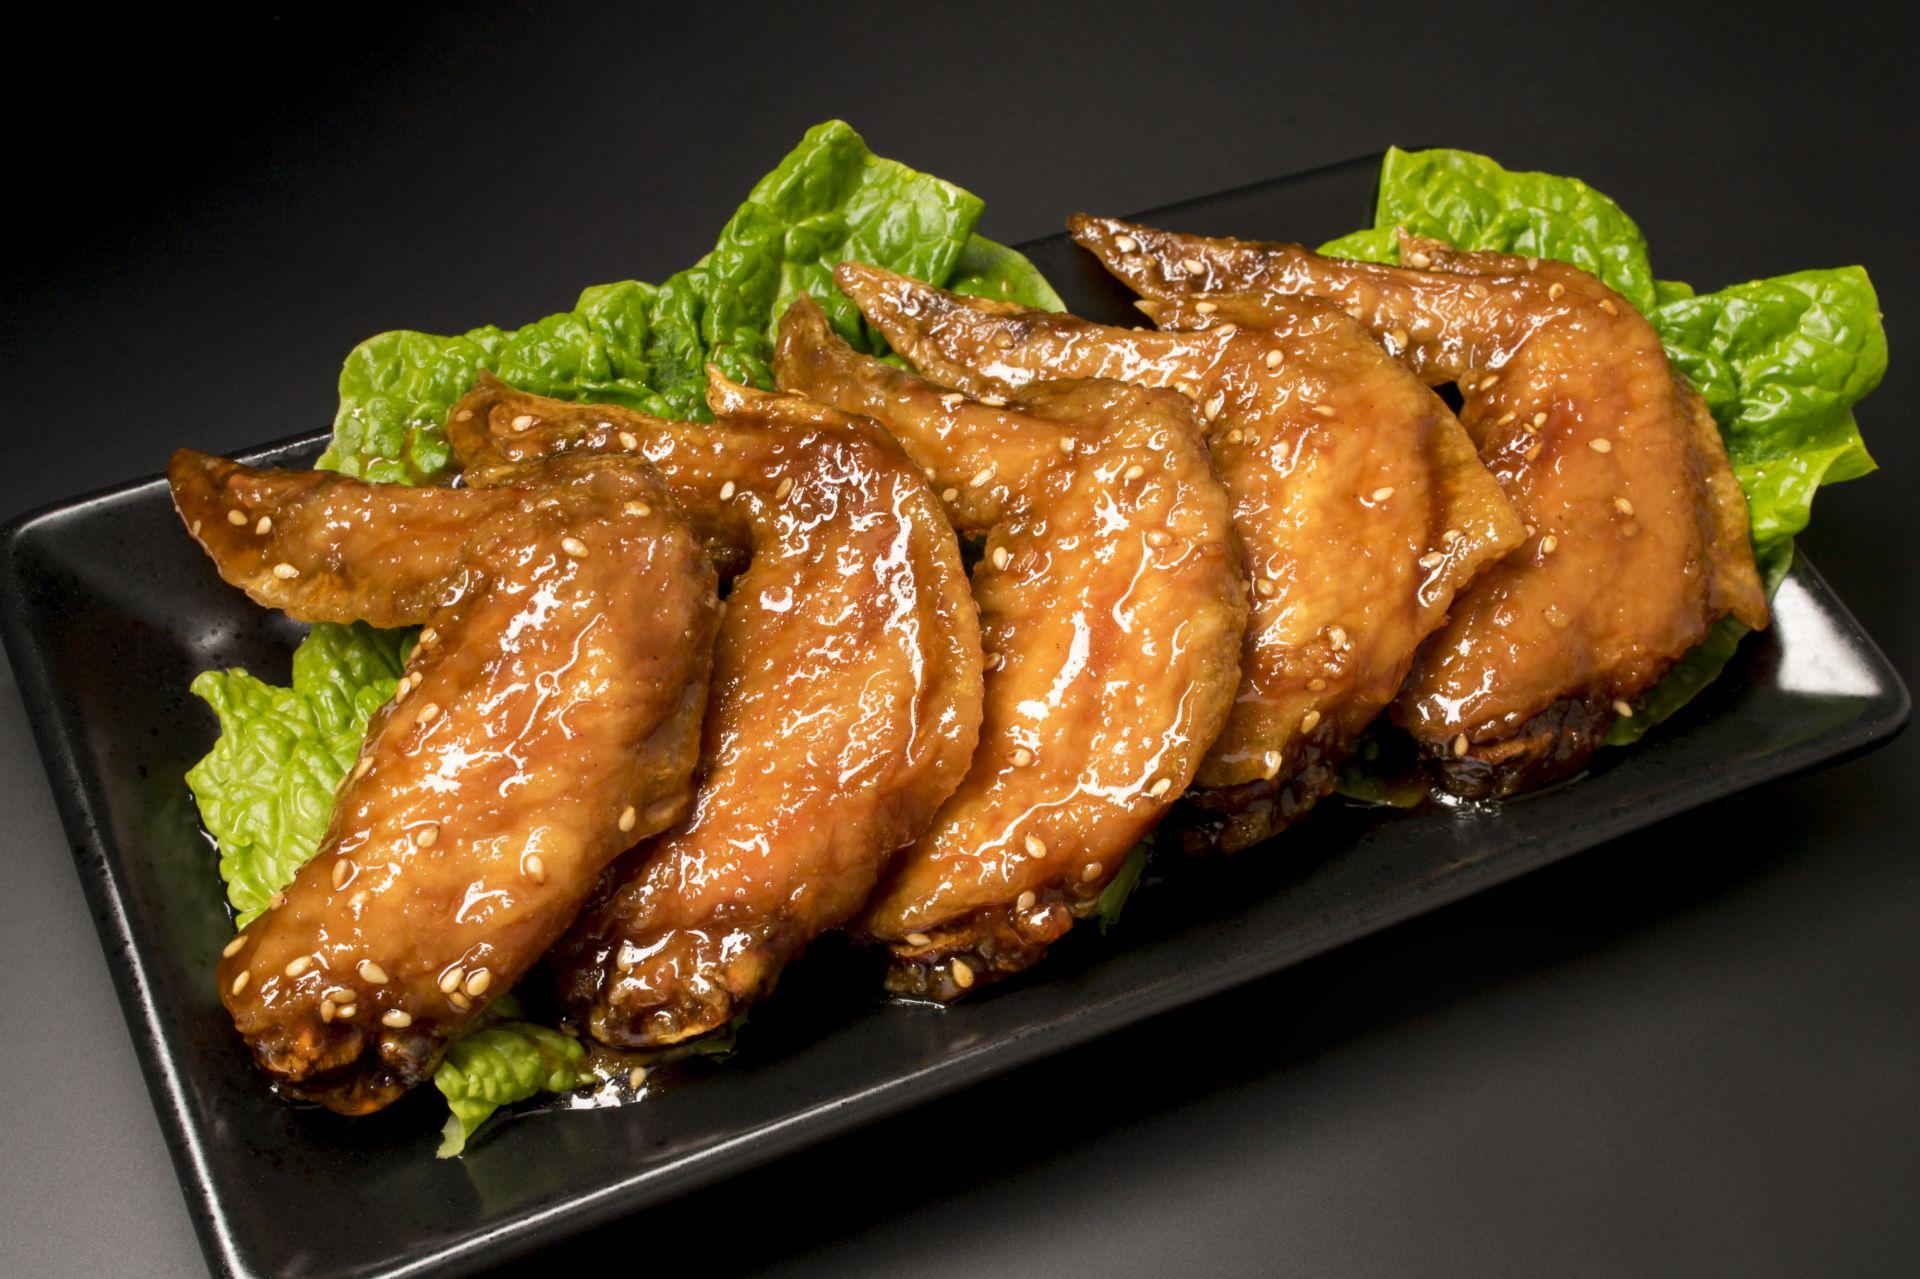 當地的各家餐廳皆有獨特的醬汁和調味過的雞翅